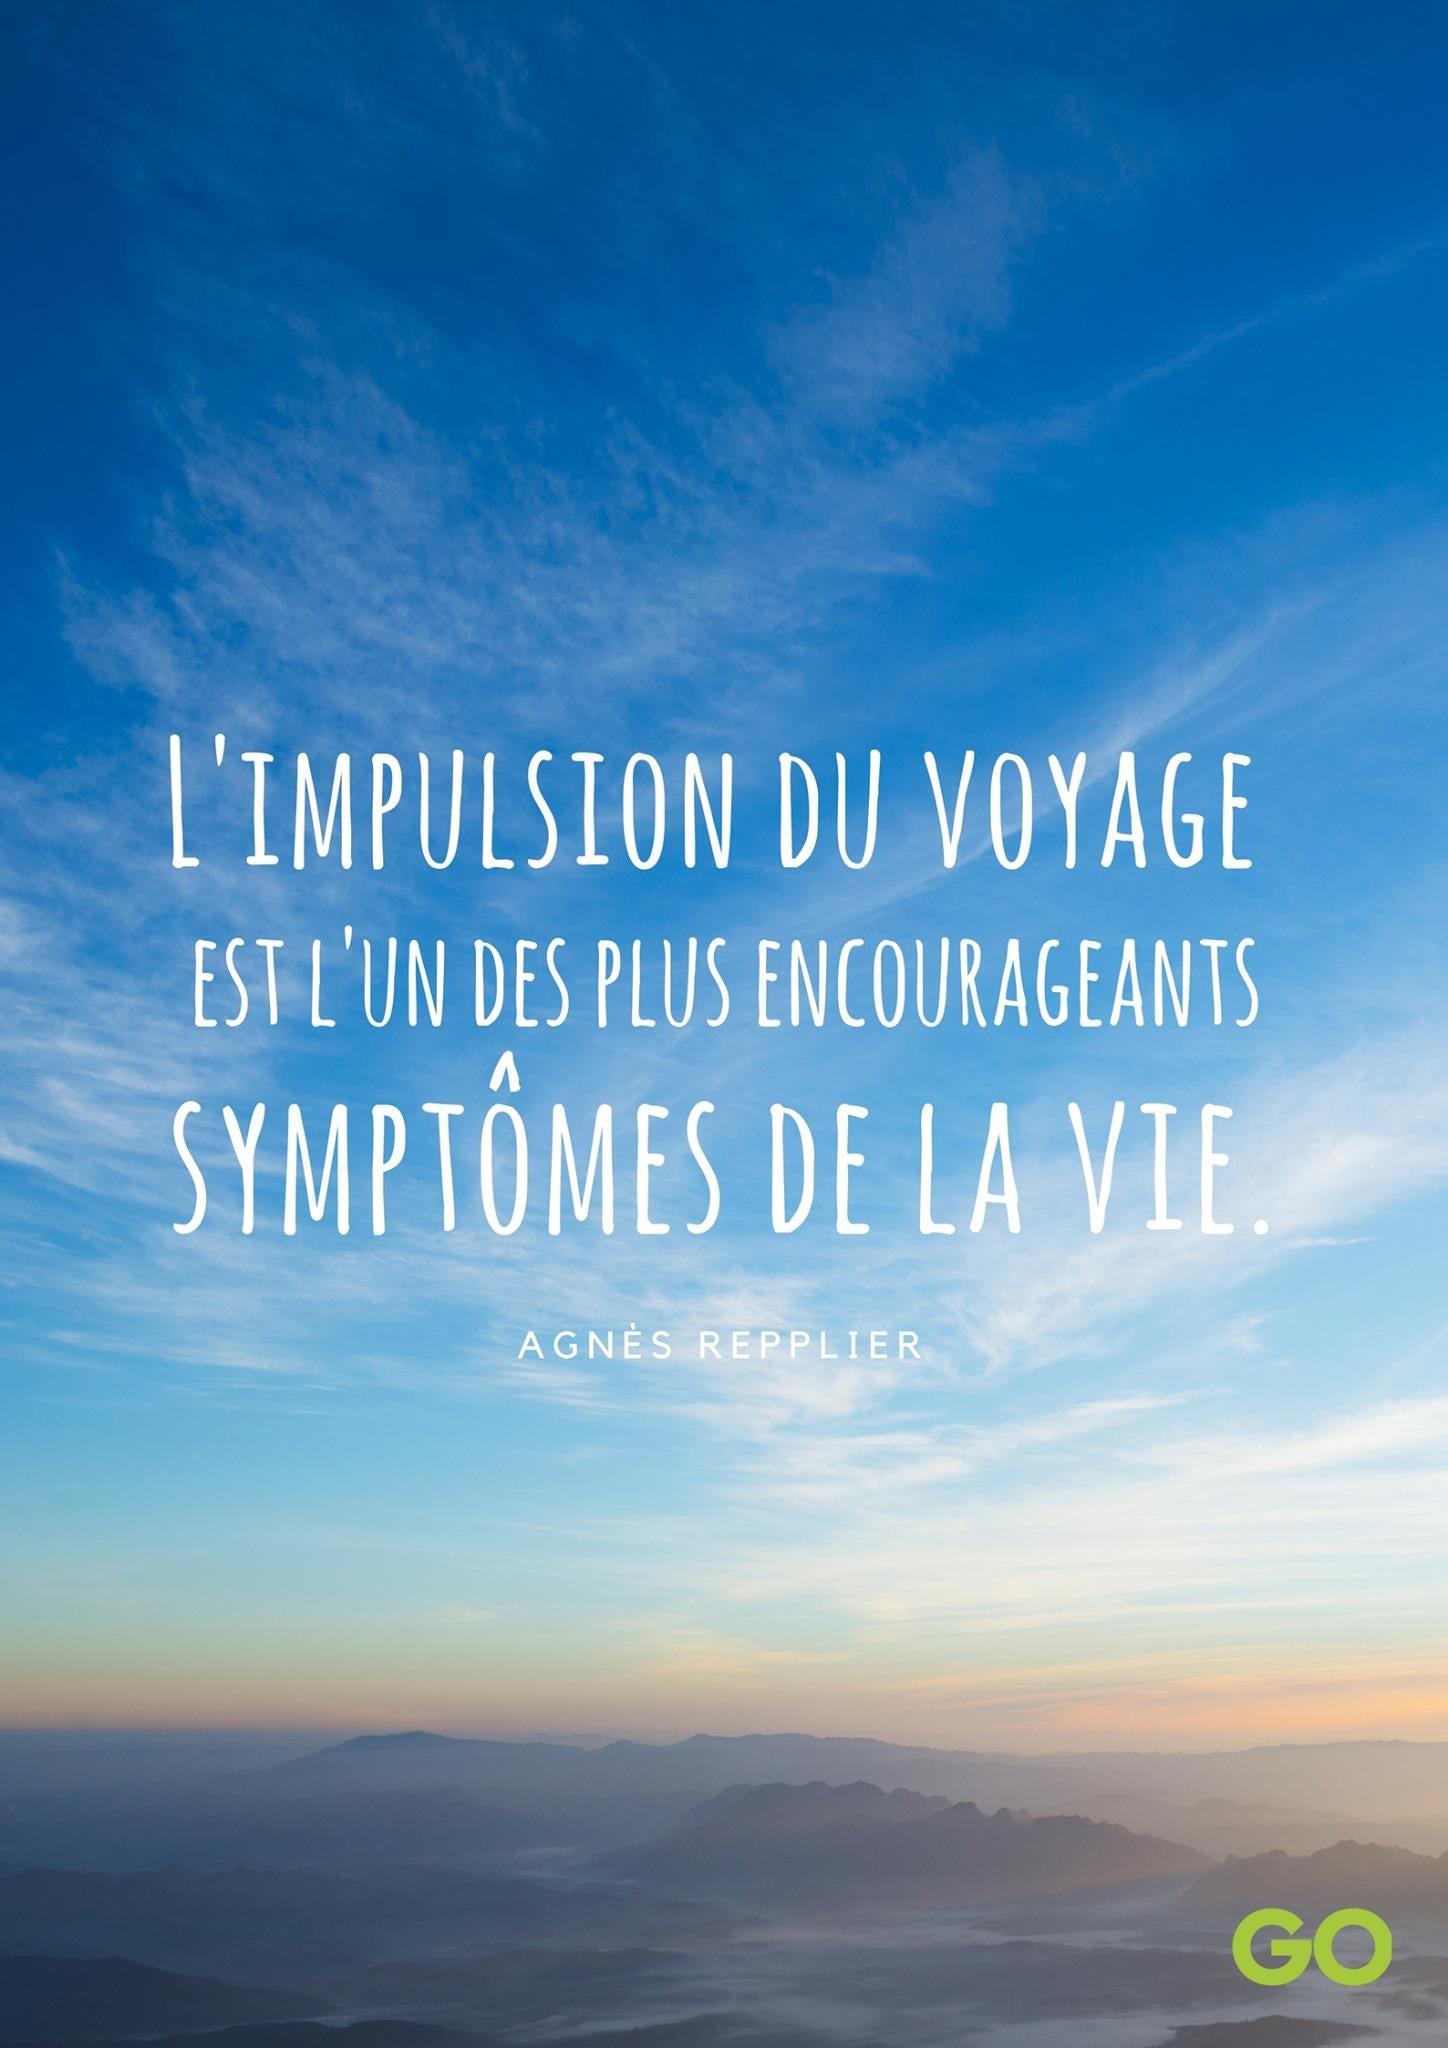 Les Plus Belles Citations De Voyage Go Voyages Le Blog